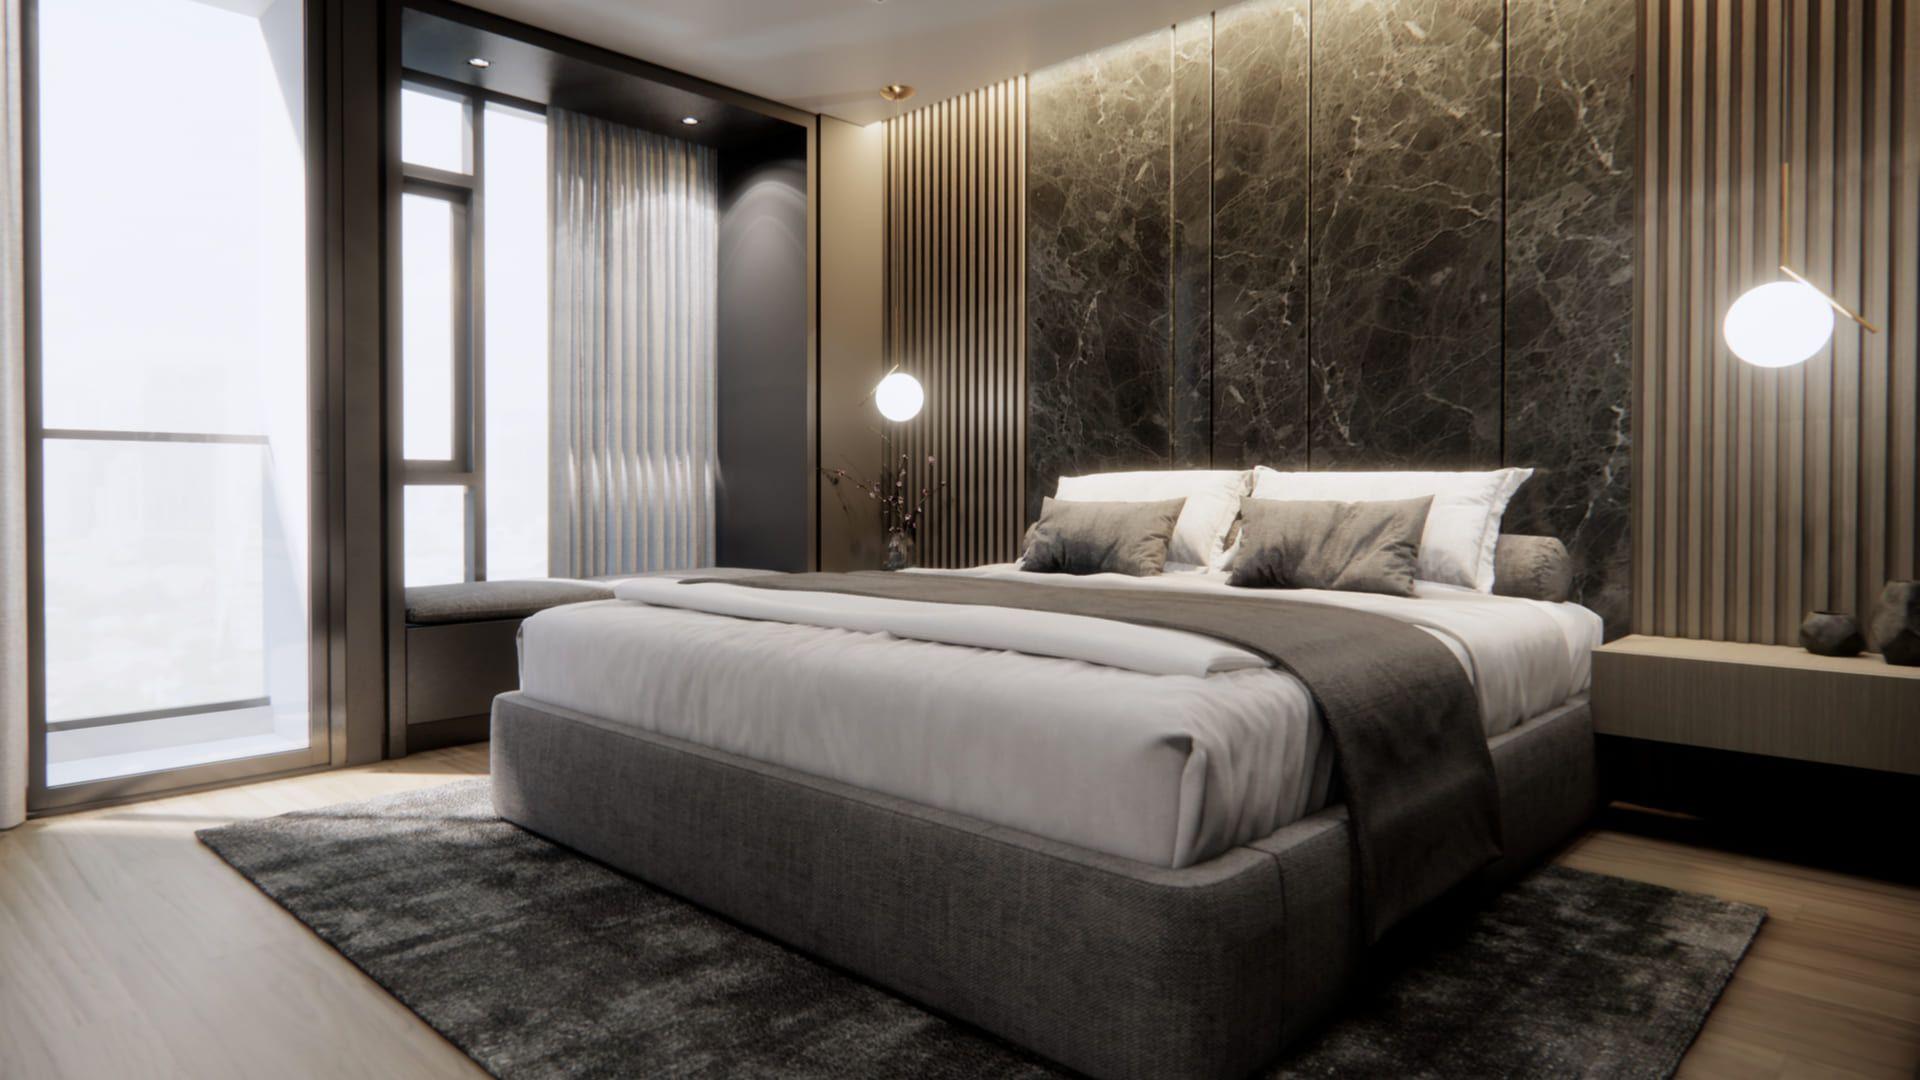 As camas box podem ter baús na estrutura, o que facilita no armazenamento de lençóis e edredons. (Imagem: Reprodução/Shutterstock)